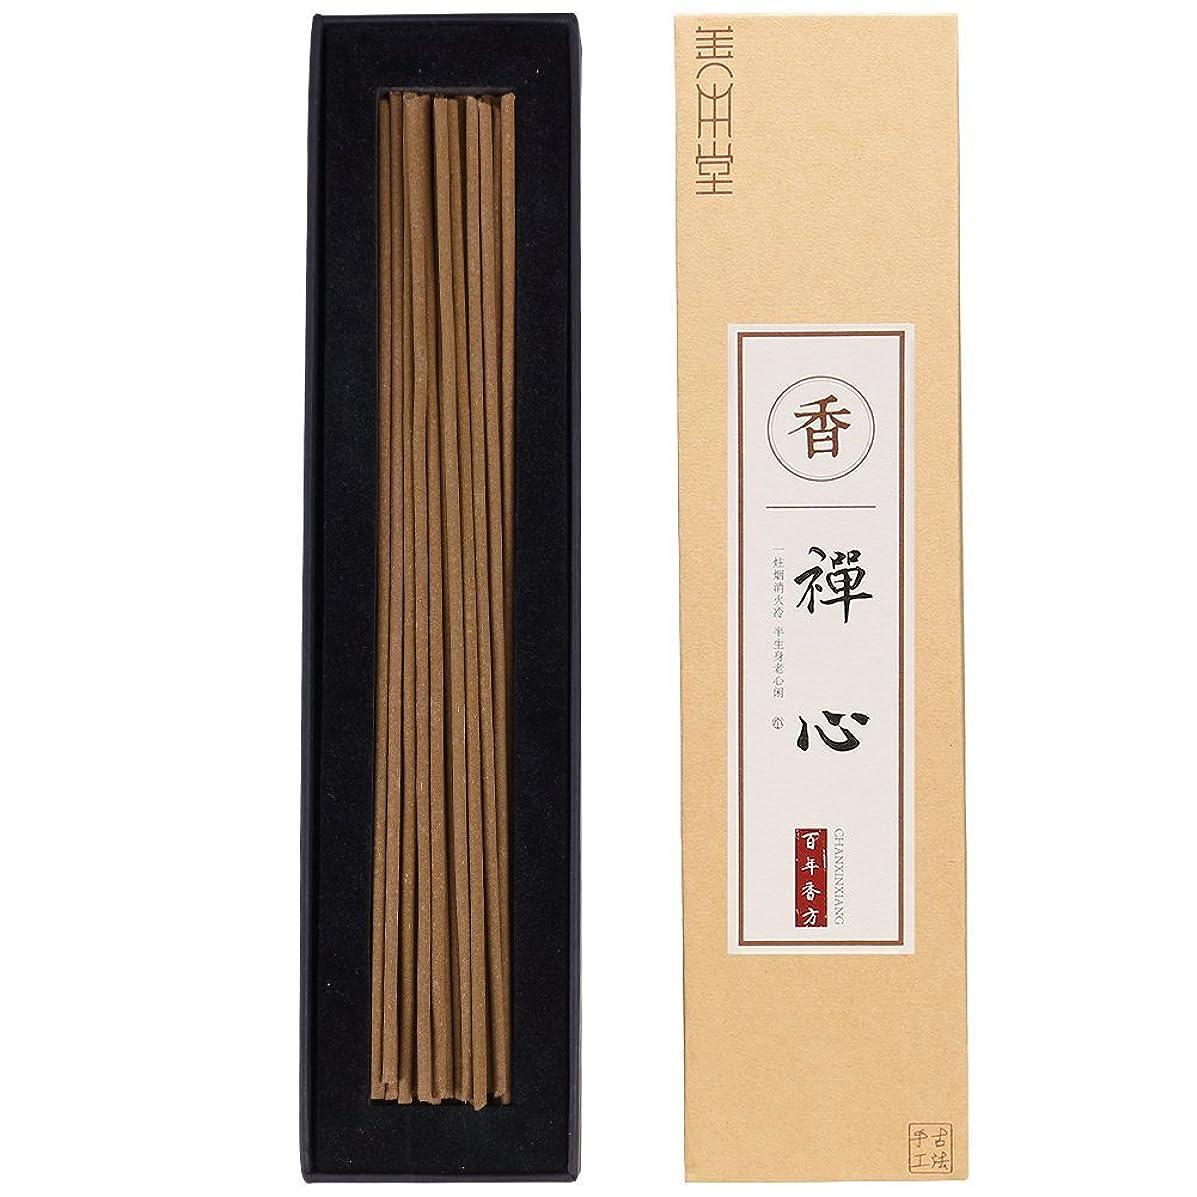 鯨影ことわざお香スティック 手作り お香 100分間燃焼 (8.26インチ/50本)